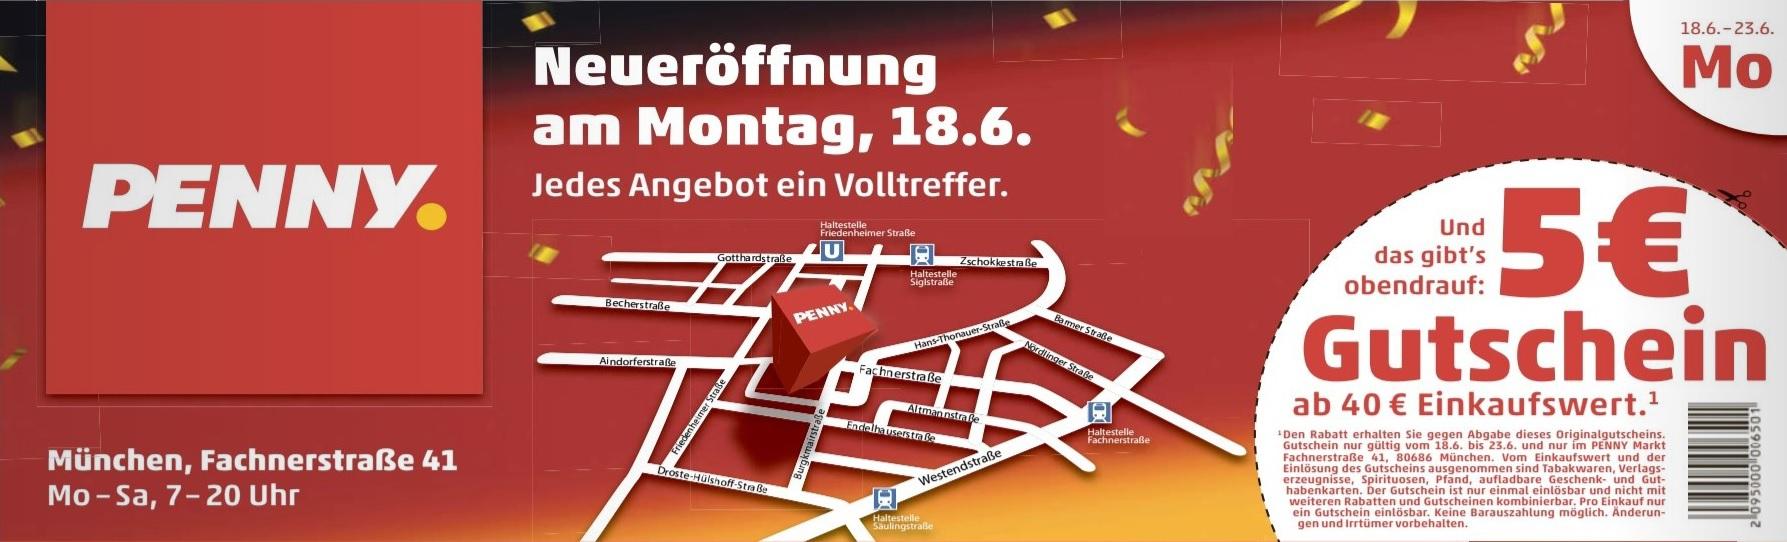 [ lokal München ] 5€ Rabatt von 18.06 - 23.06. ab 40€ Einkaufswert bei Penny, Fachnerstr. 41